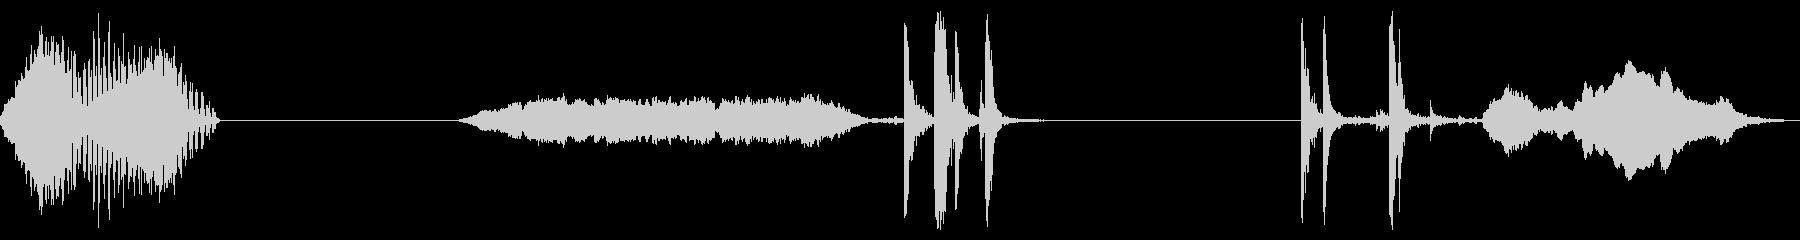 きしむドア、3つのバージョン; D...の未再生の波形